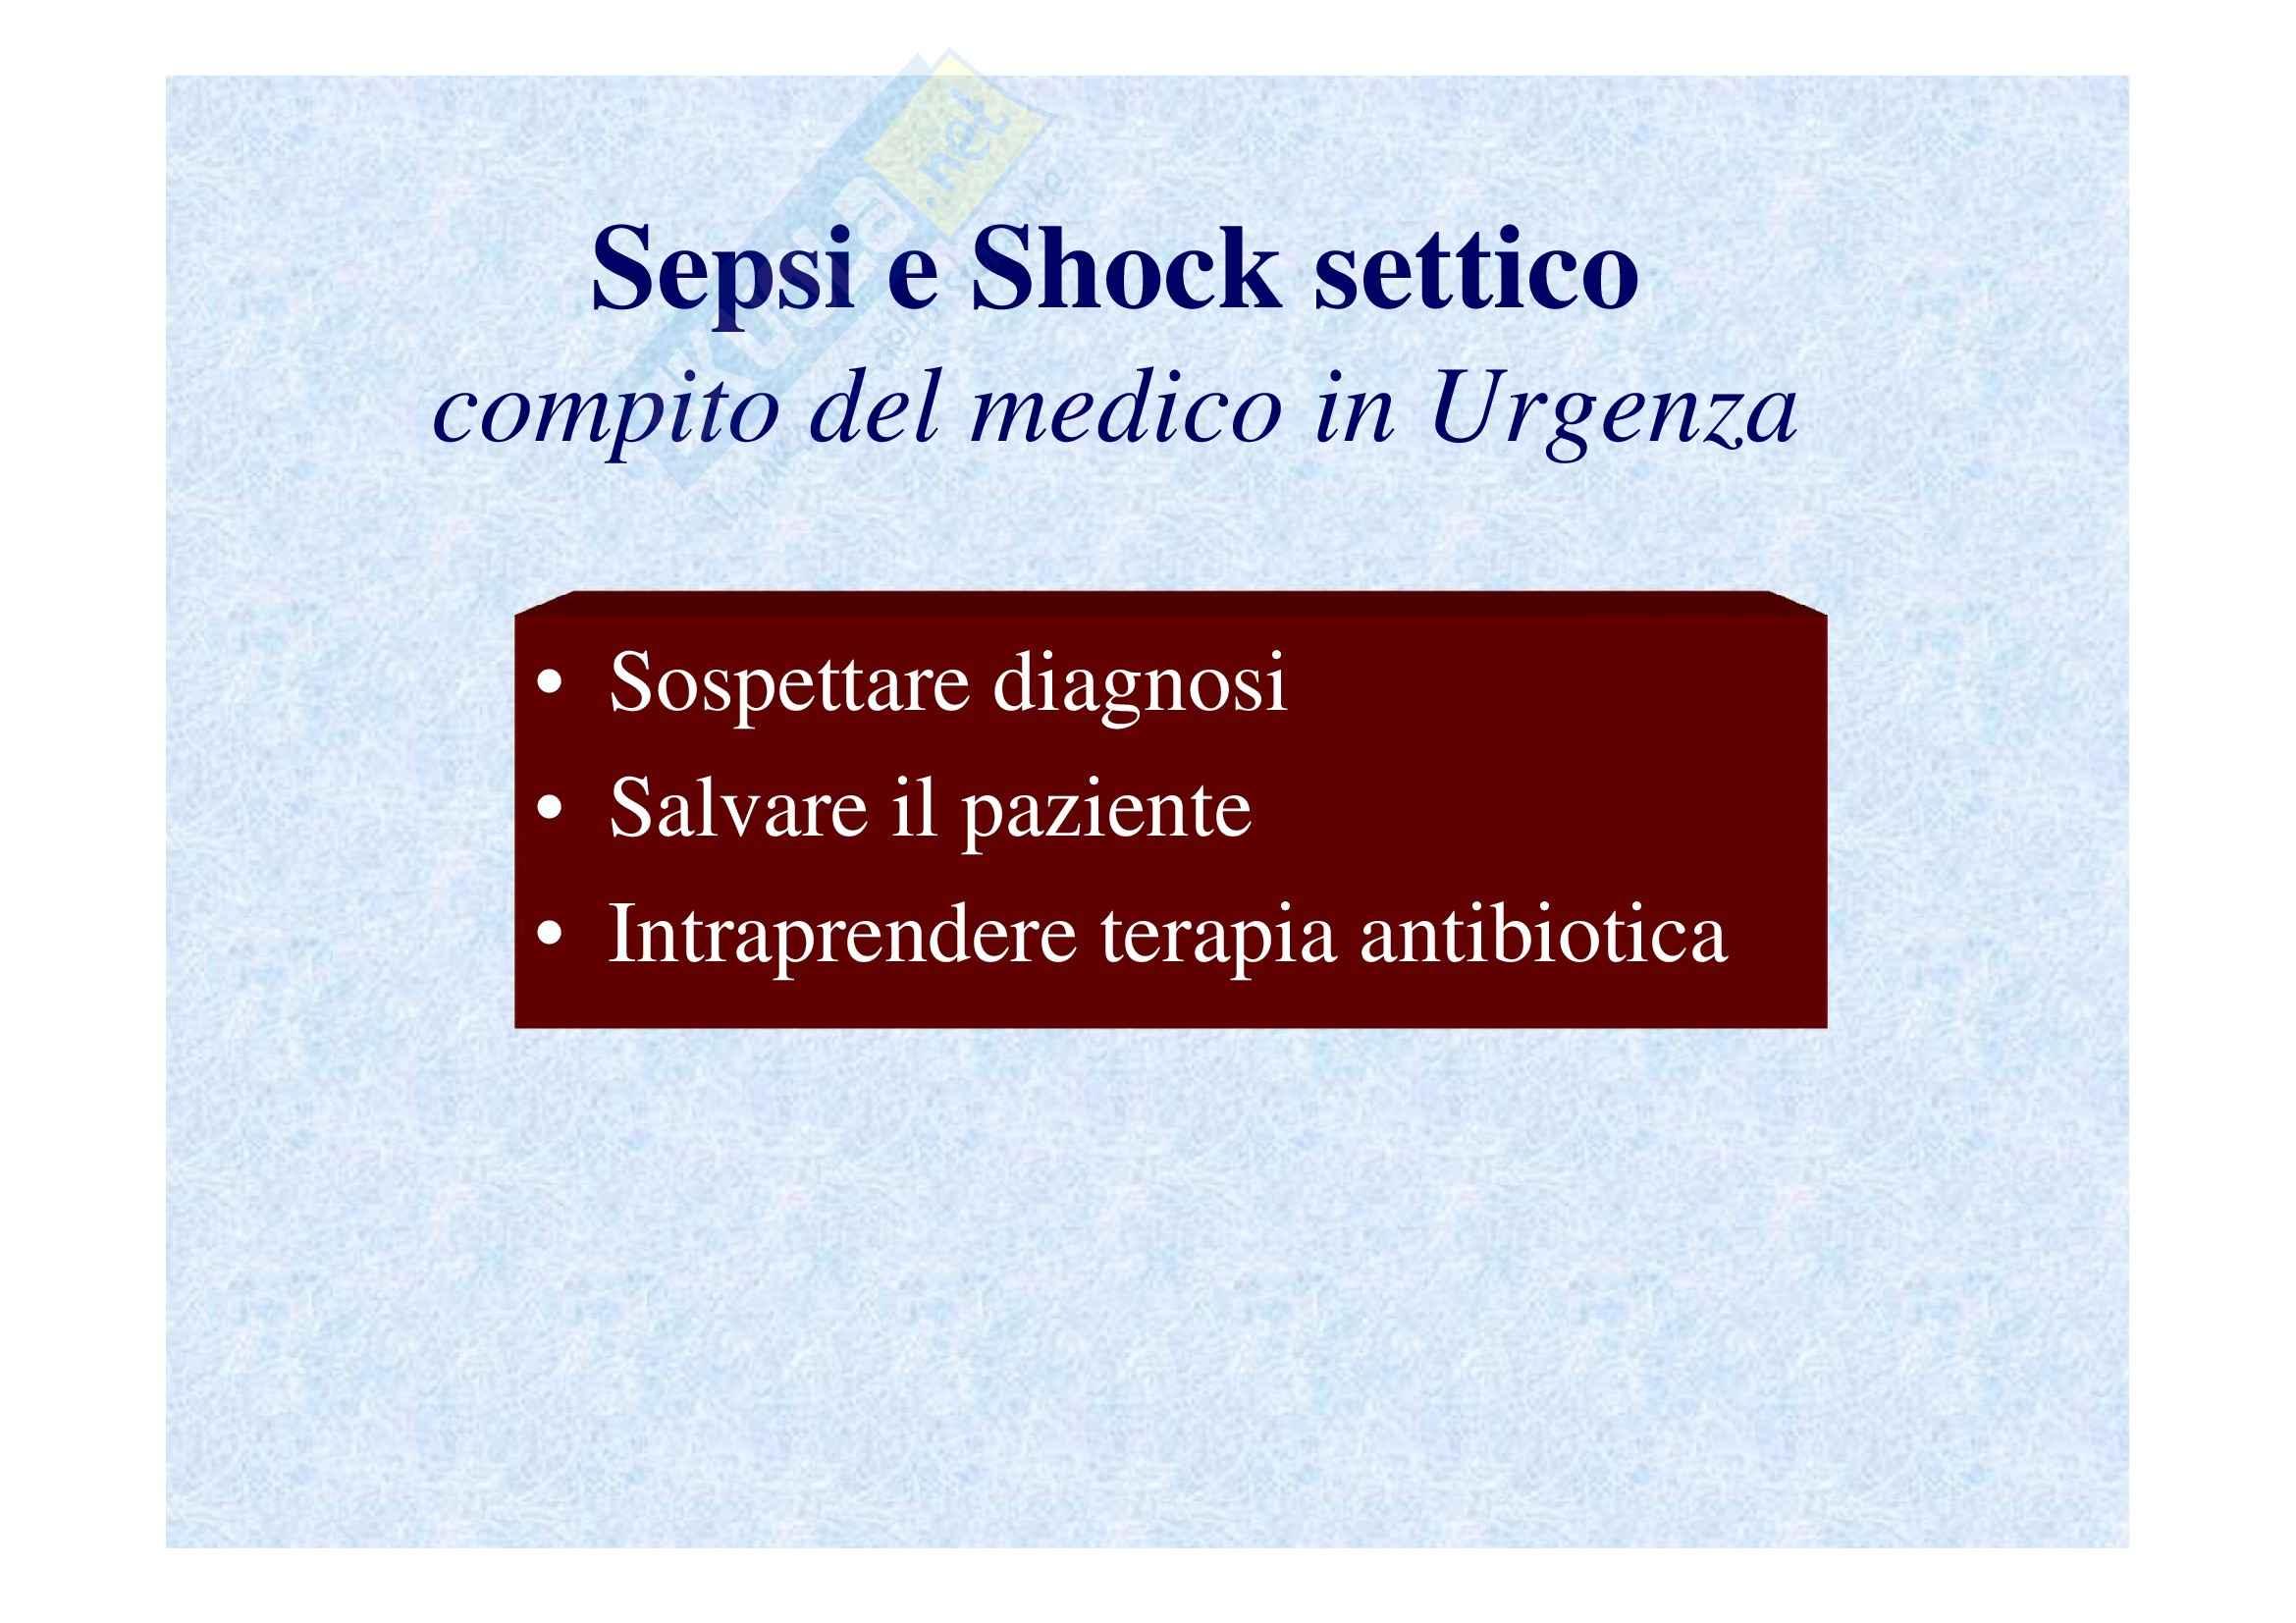 Emergenze medico-chirurgiche II - sepsi e shock settico prima parte Pag. 2